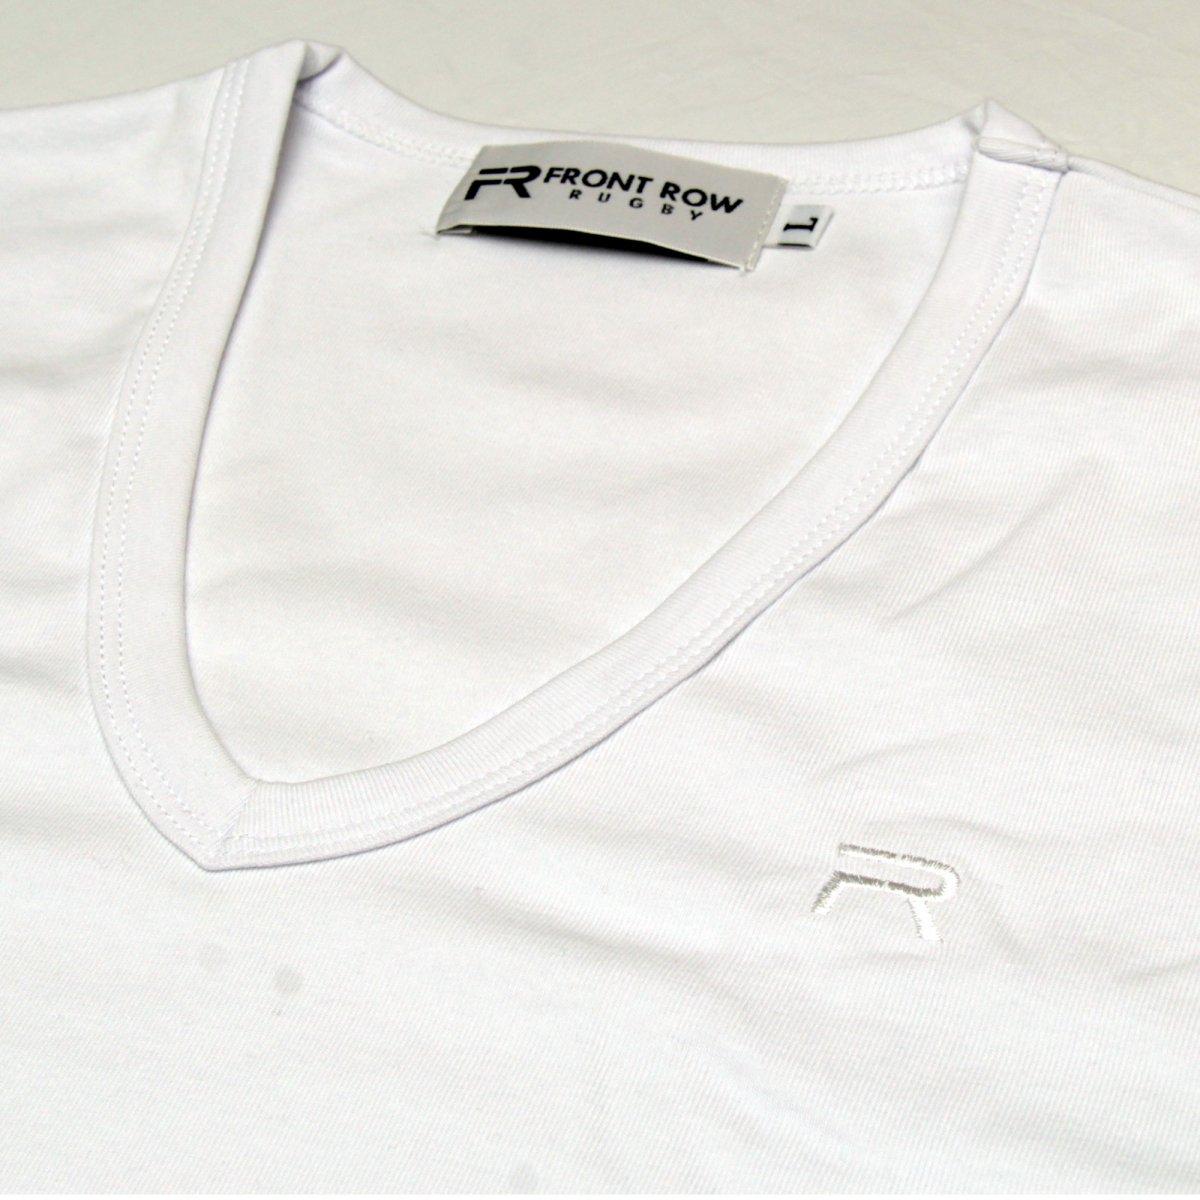 ボディフィットTシャツVネック